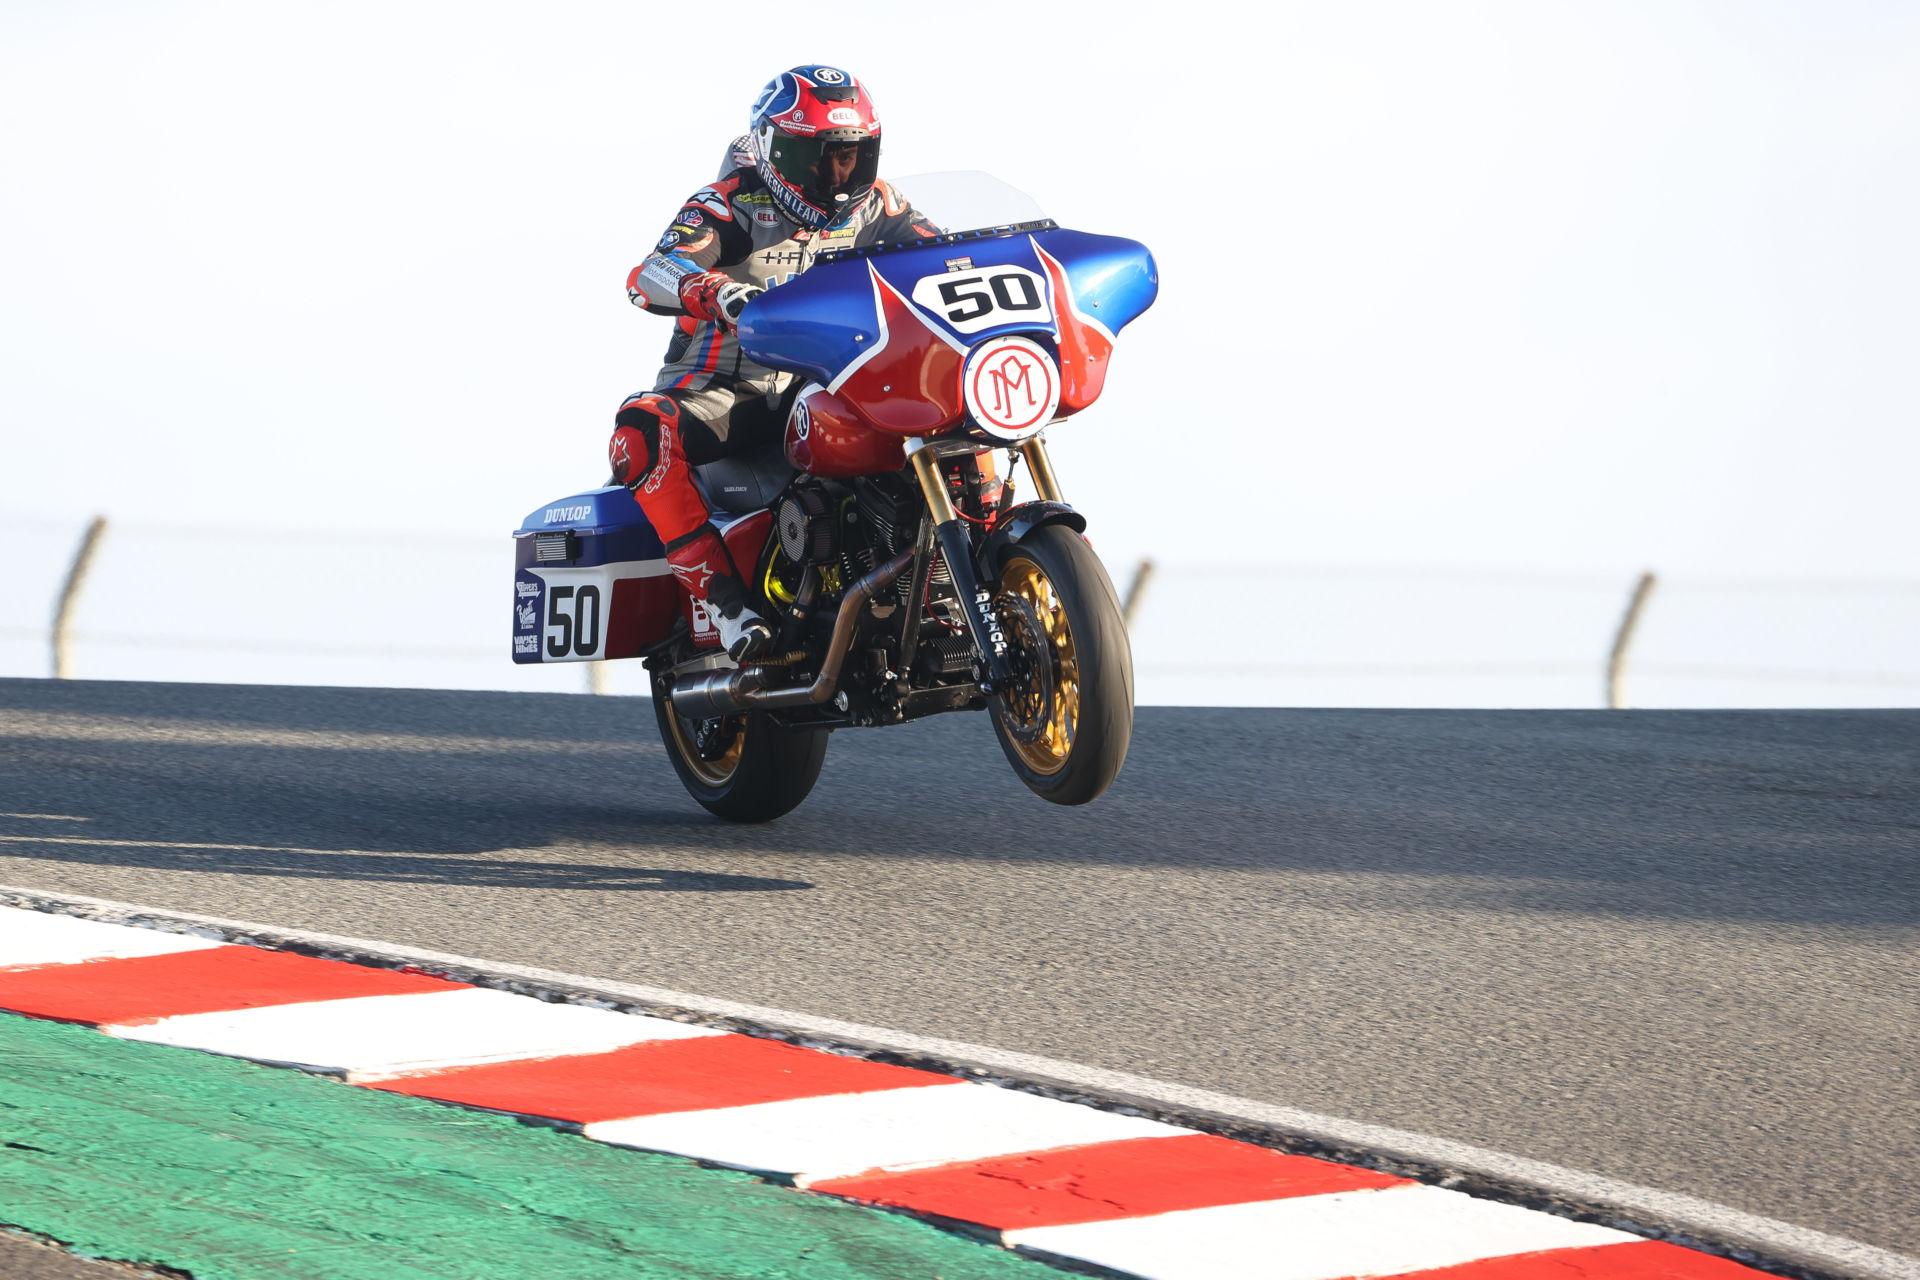 Josh Herrin (50) on his Performance Machine Harley-Davidson Street Glide King of the Baggers racebike at Laguna Seca. Photo by Brian J. Nelson.